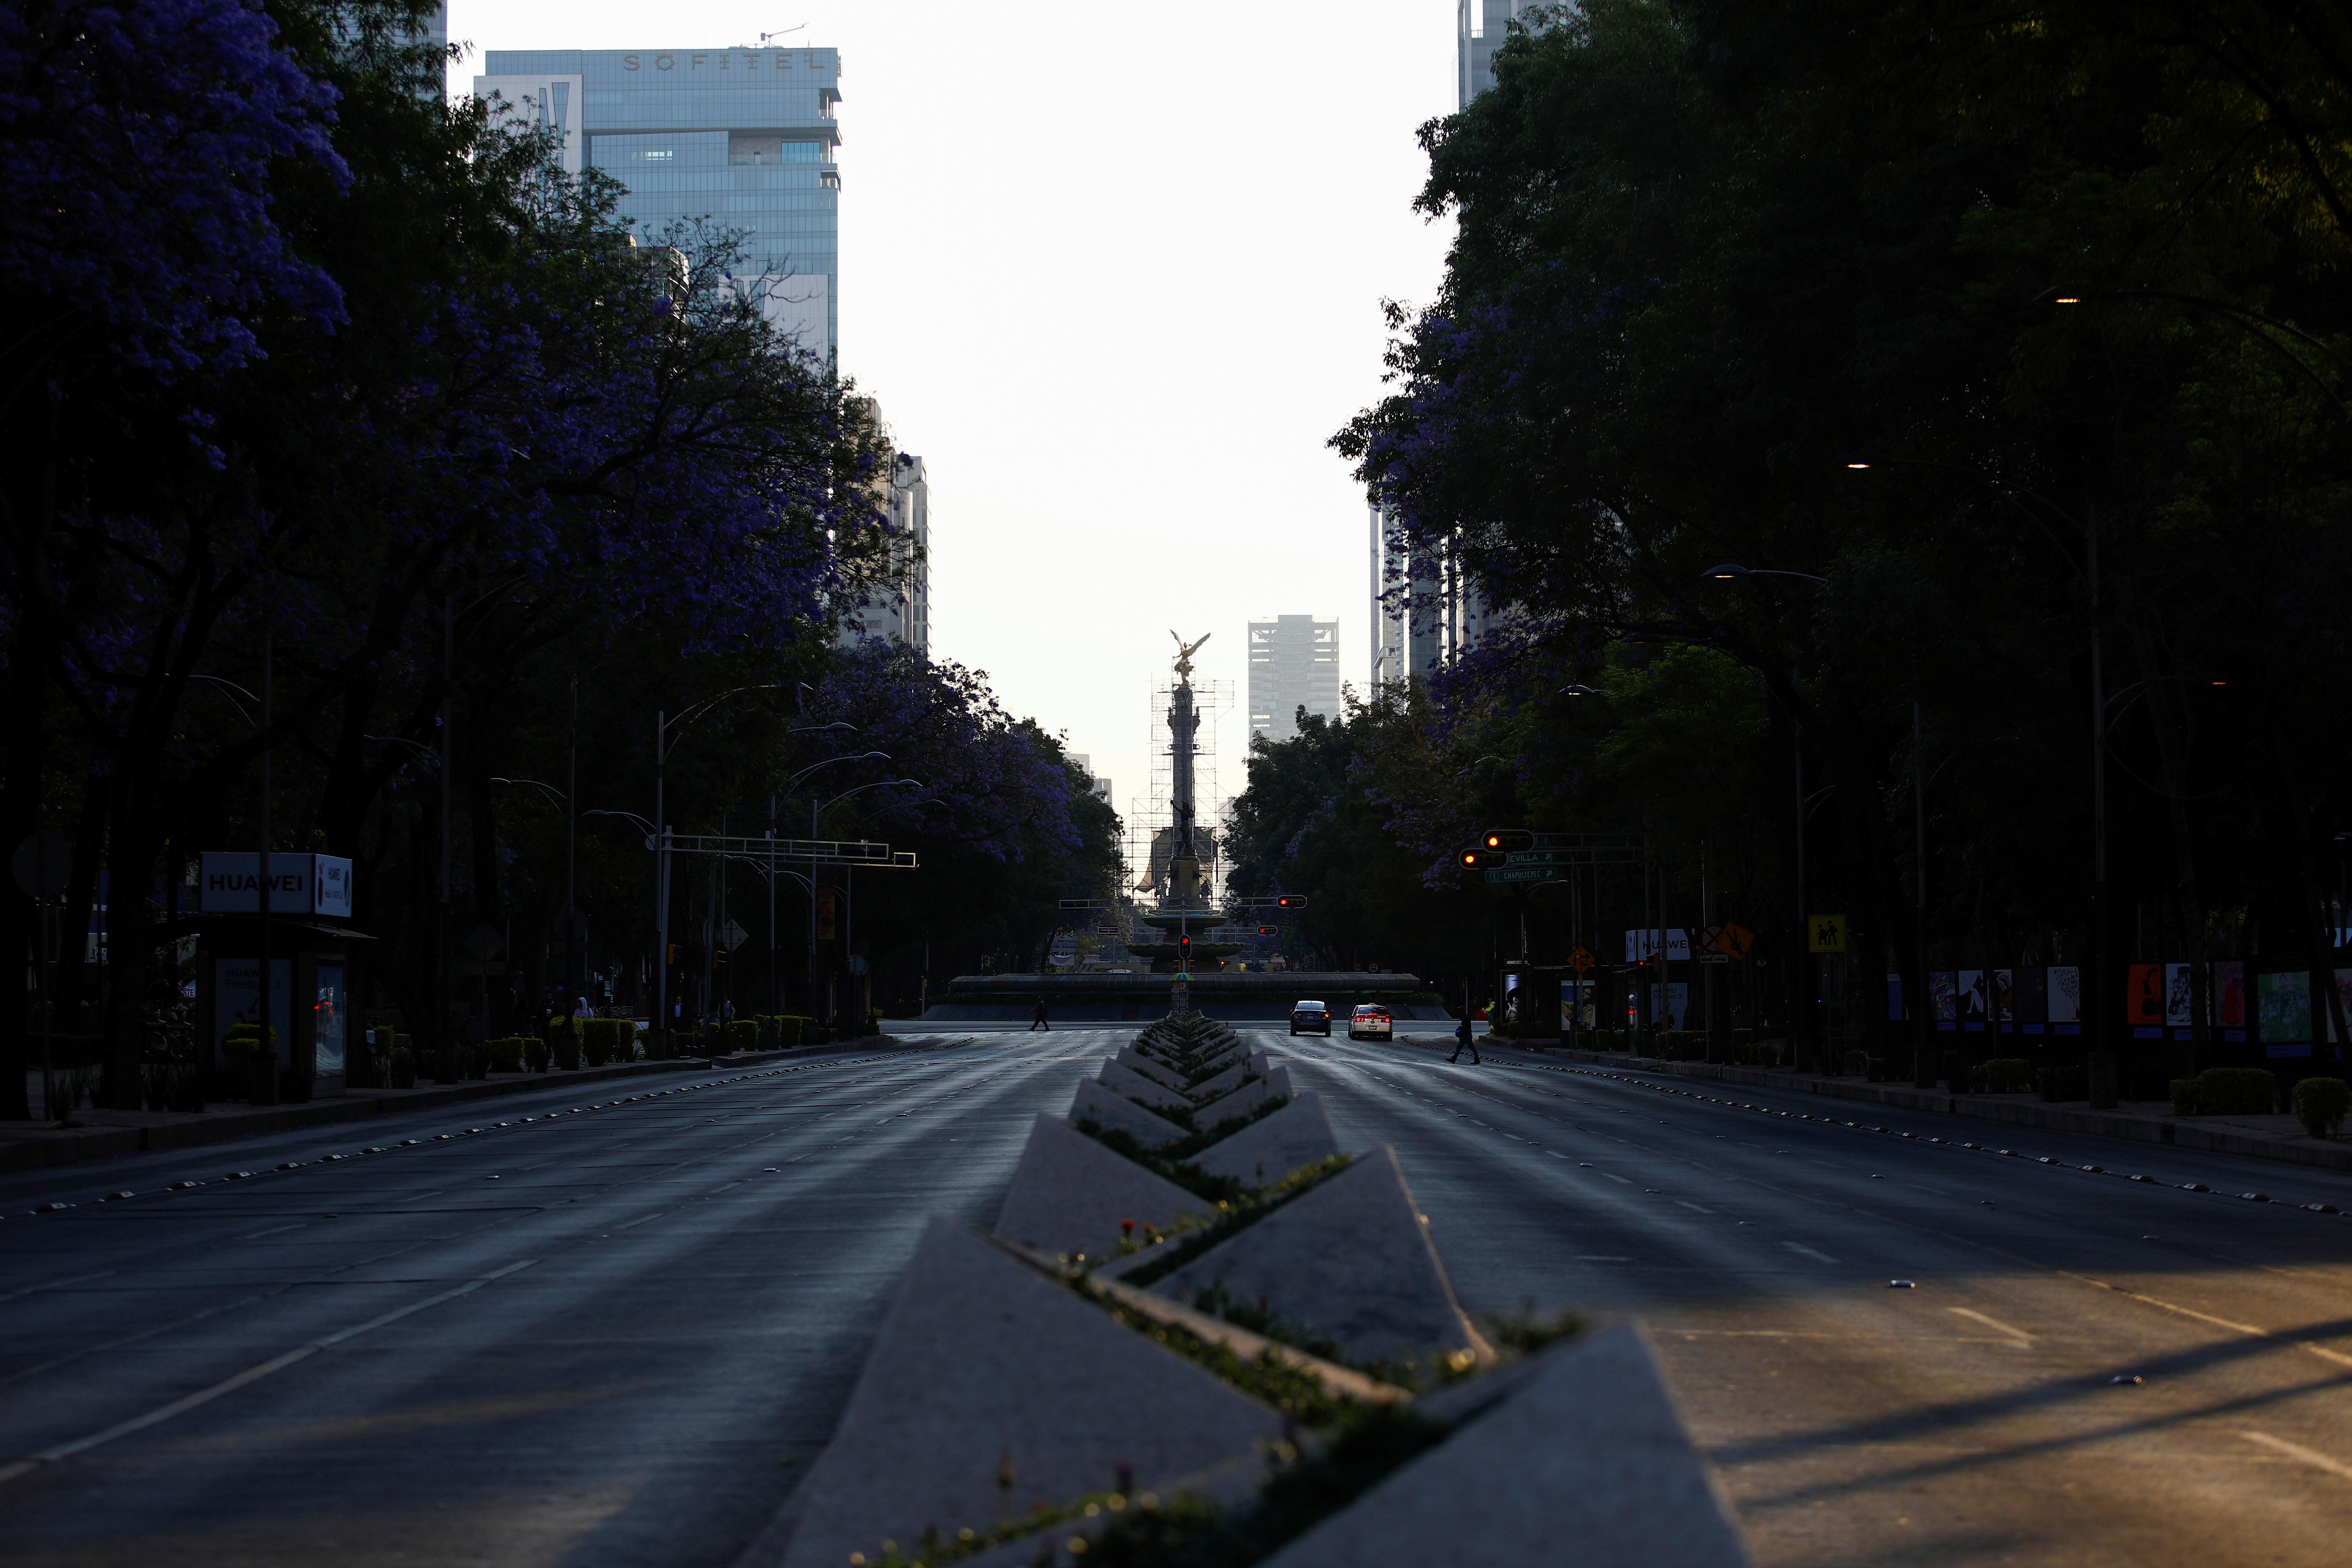 La avenida Reforma casi vacía después de que México declaró emergencia de salud y emitió reglas más estrictas destinadas a contener la enfermedad por coronavirus (COVID-19), en la Ciudad de México, México, 31 de marzo de 2020.